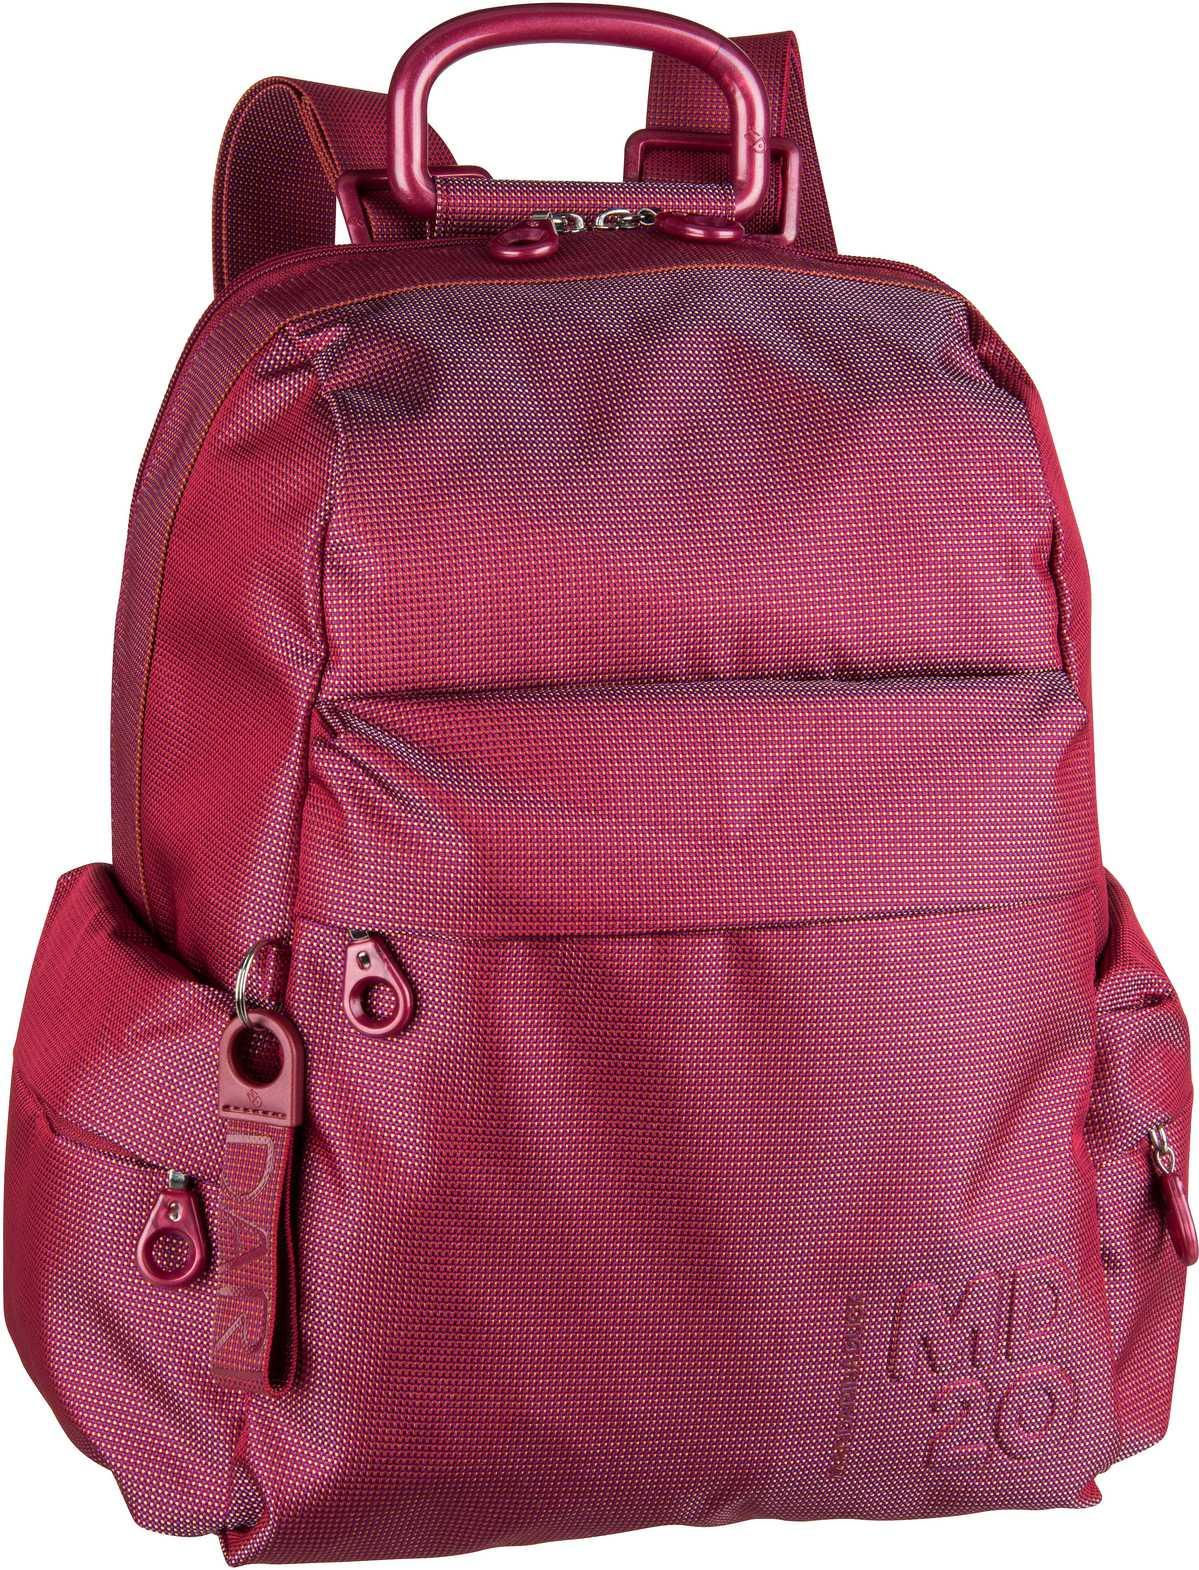 Rucksaecke für Frauen - Mandarina Duck Rucksack Daypack MD20 Medium Backpack QMTT2 Bouganville  - Onlineshop Taschenkaufhaus